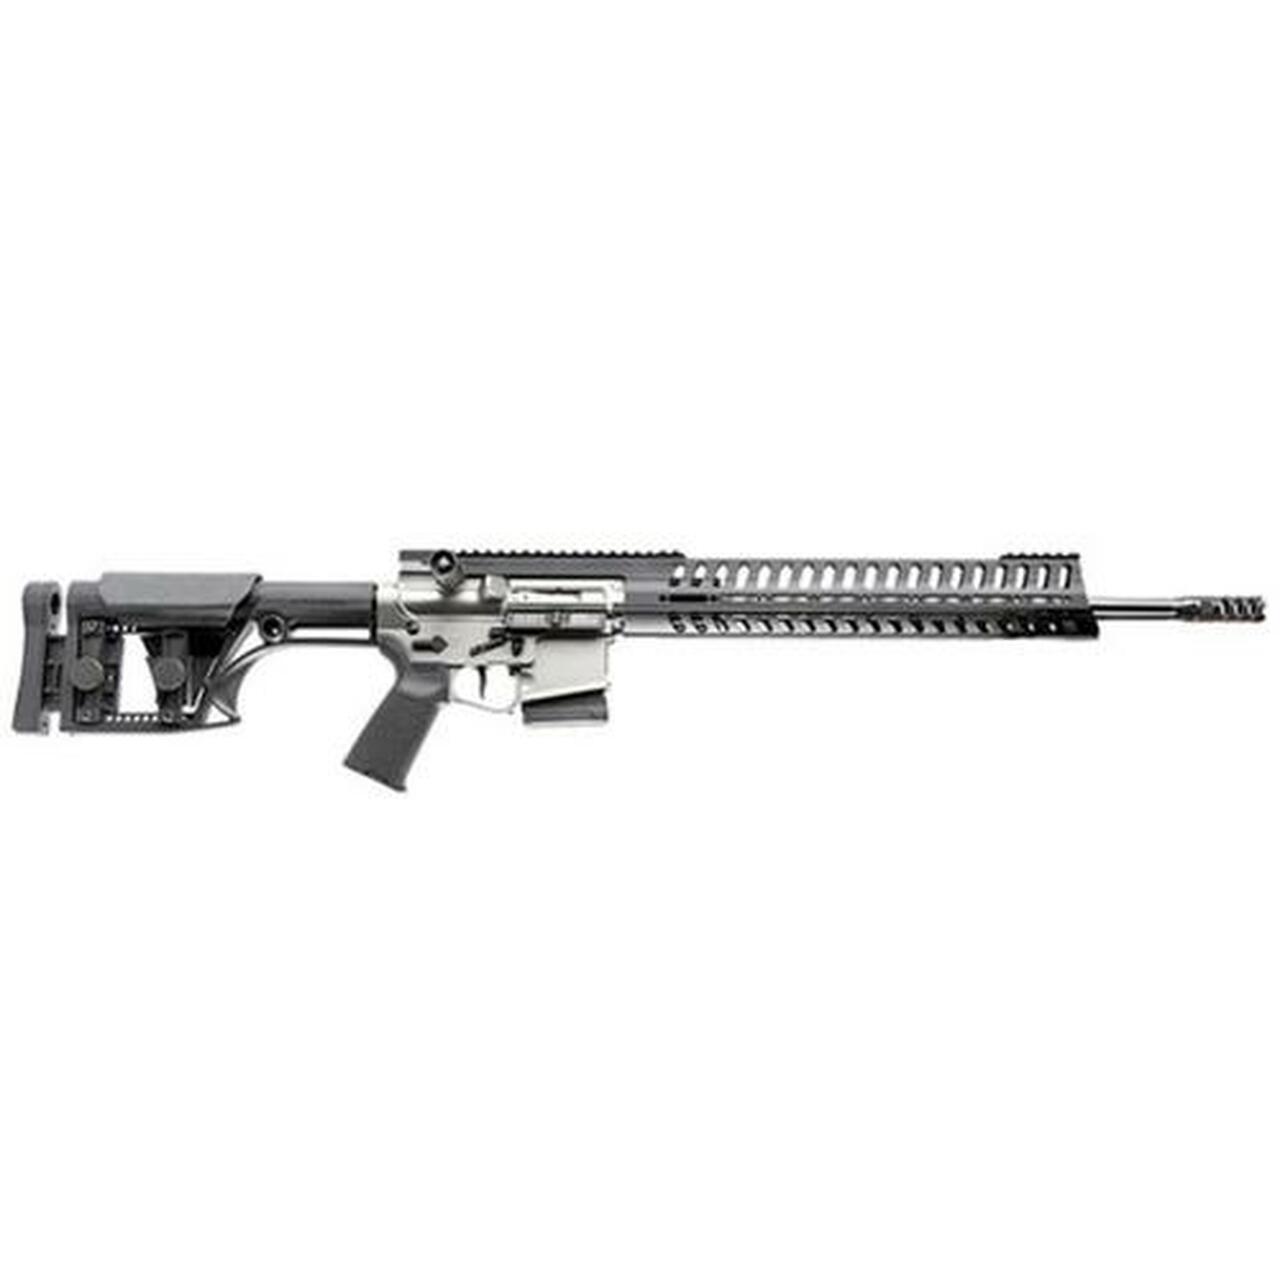 """Image of POF Gen 4 ReVolt Bolt Gun 7.62/308 18"""" Barrel Modular Rail NP3 Finish 10 Rd Mag CA Legal"""